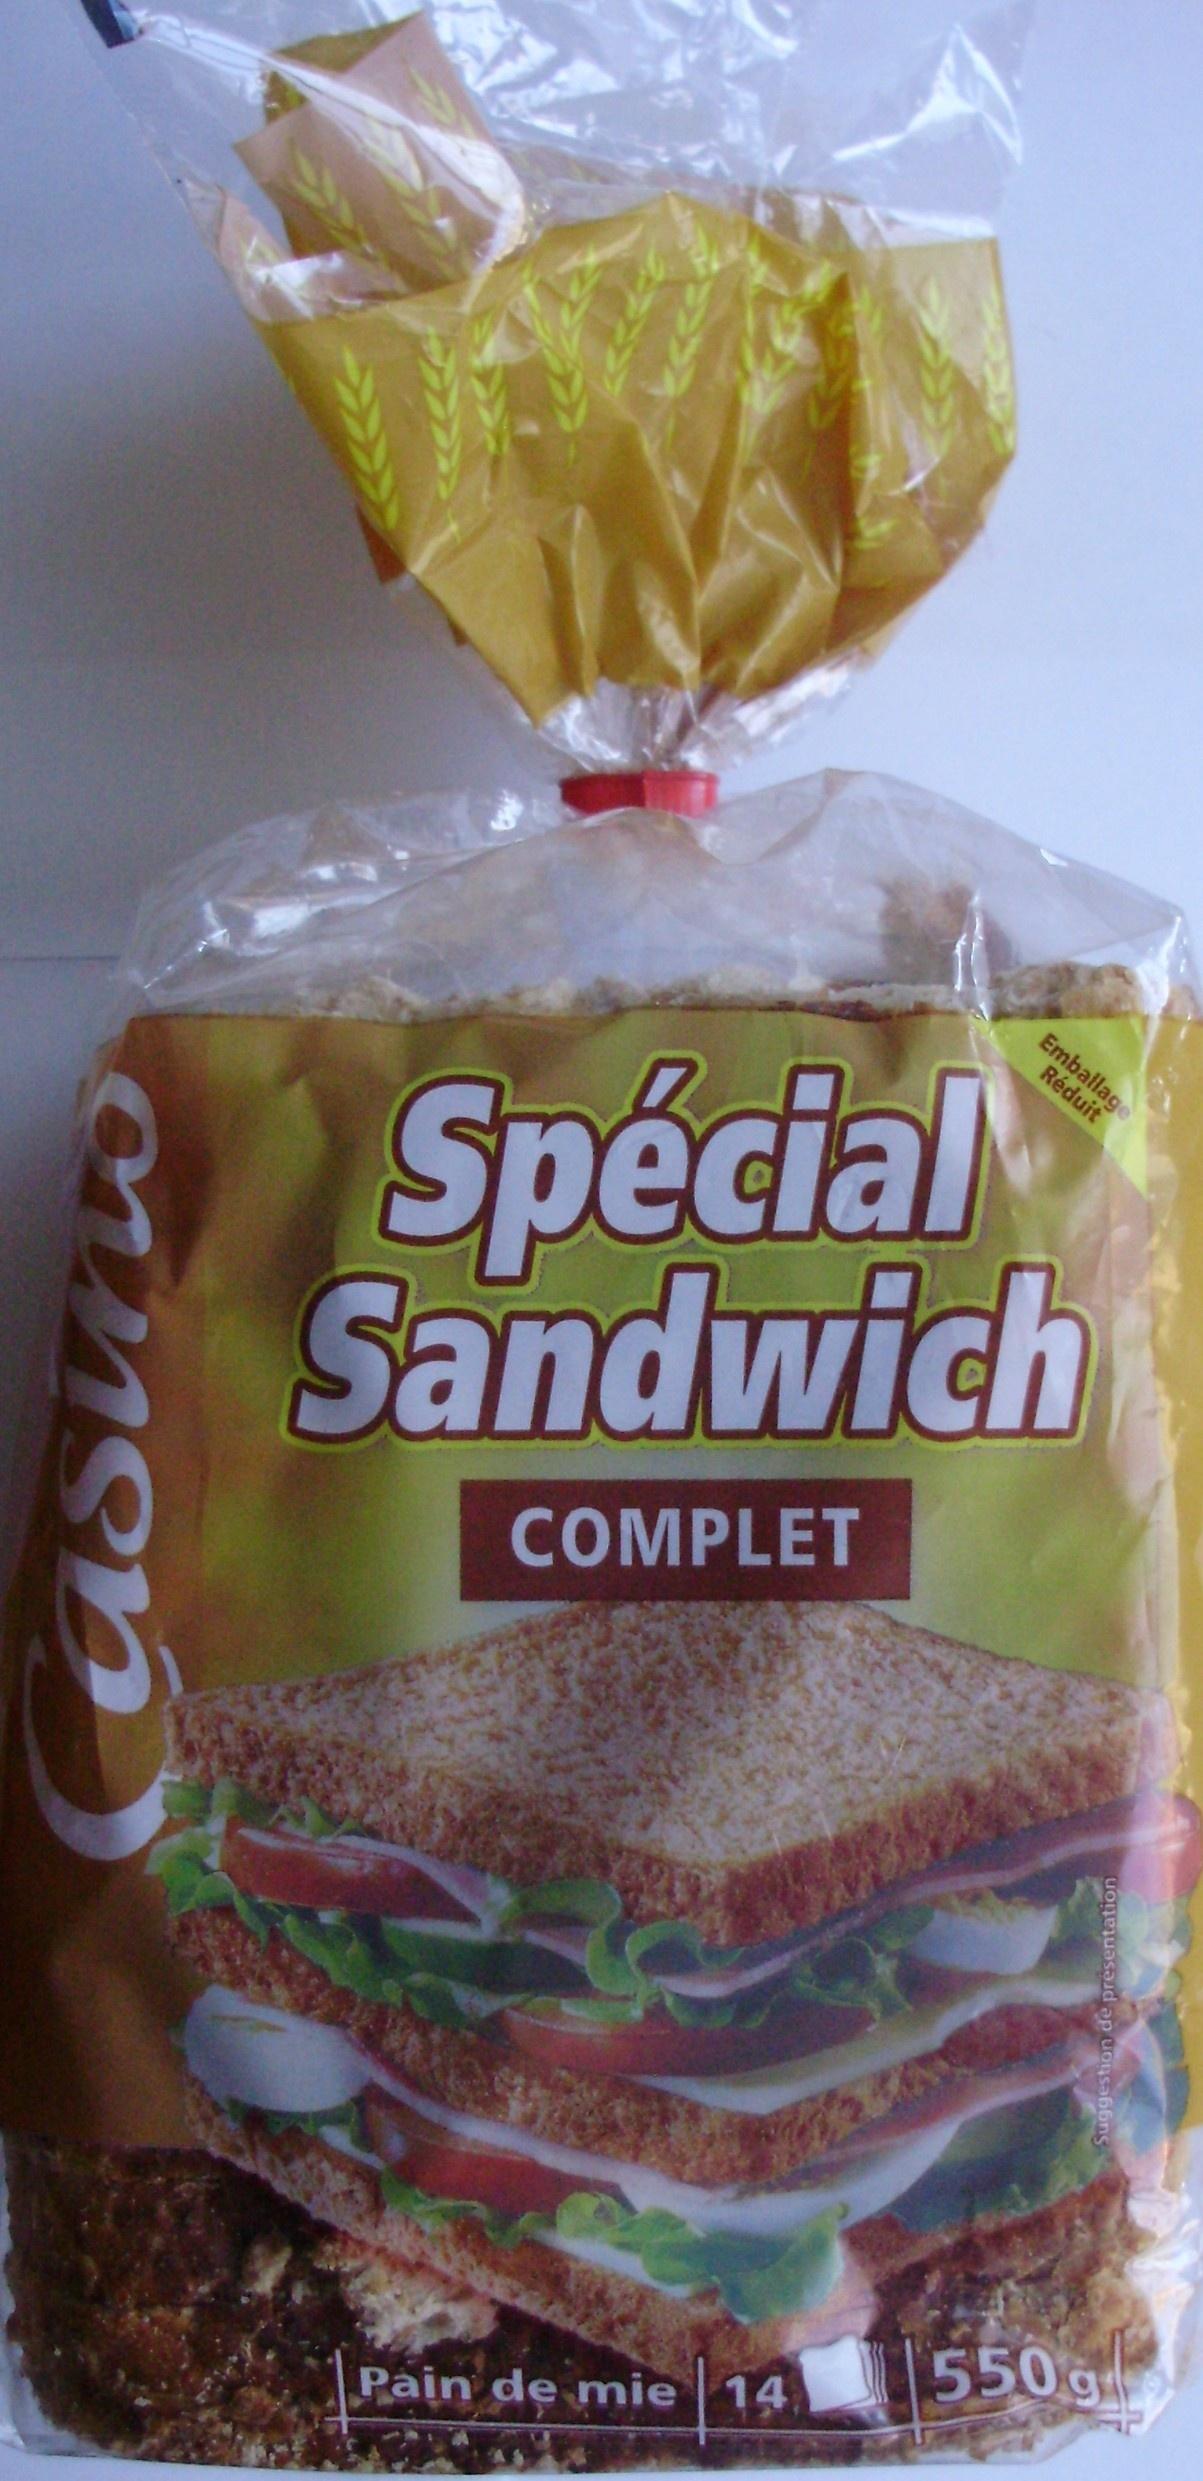 Spécial sandwich complet - Product